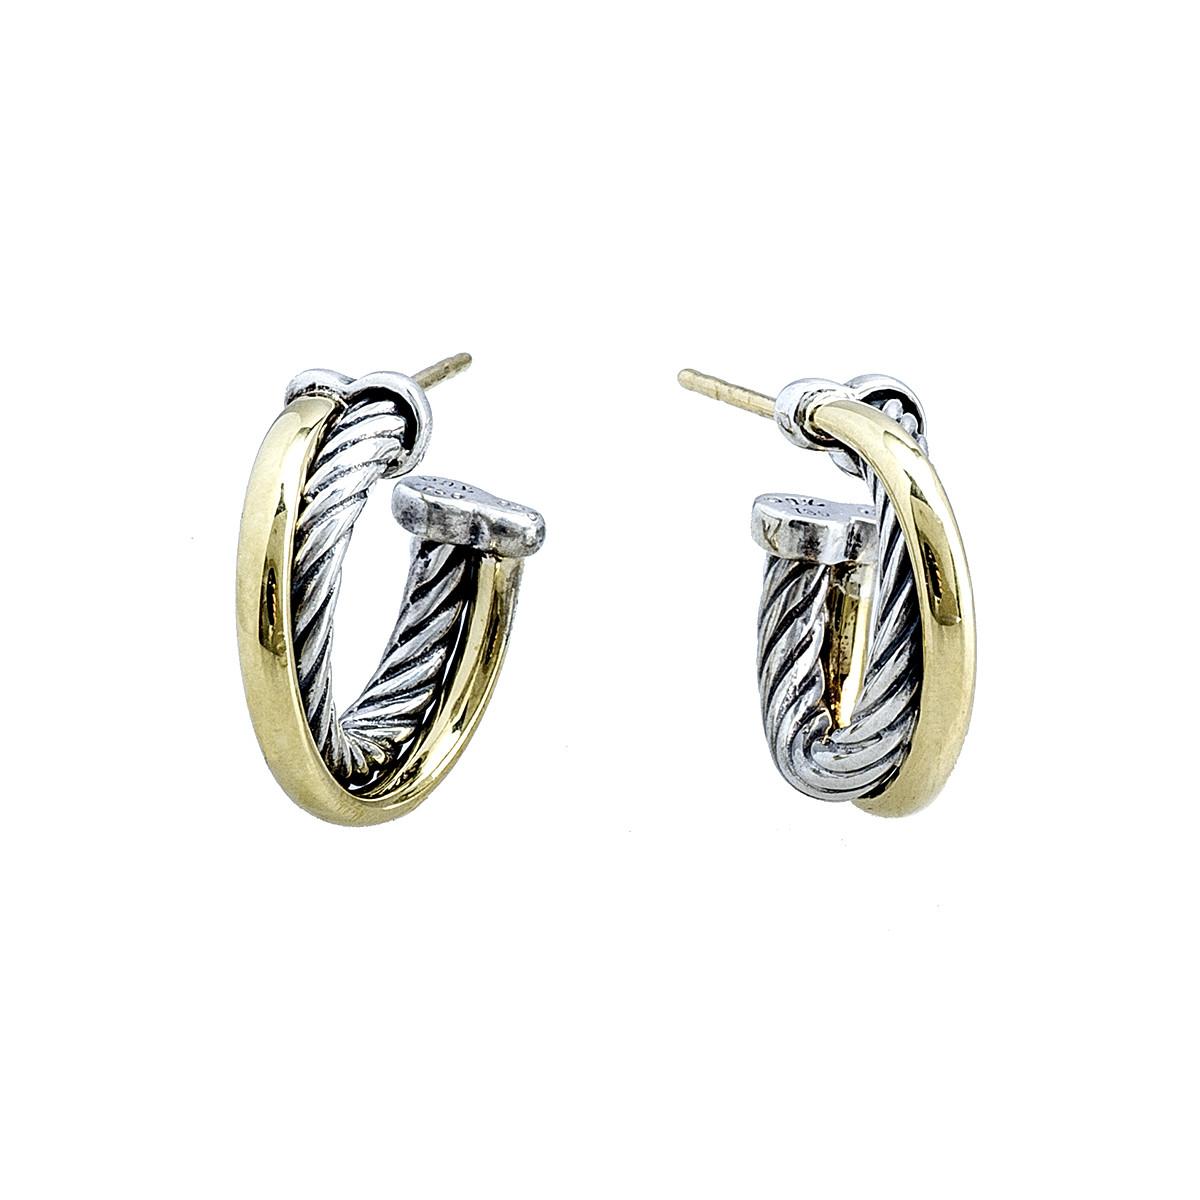 Vintage David Yurman Crossover Hoop Earrings